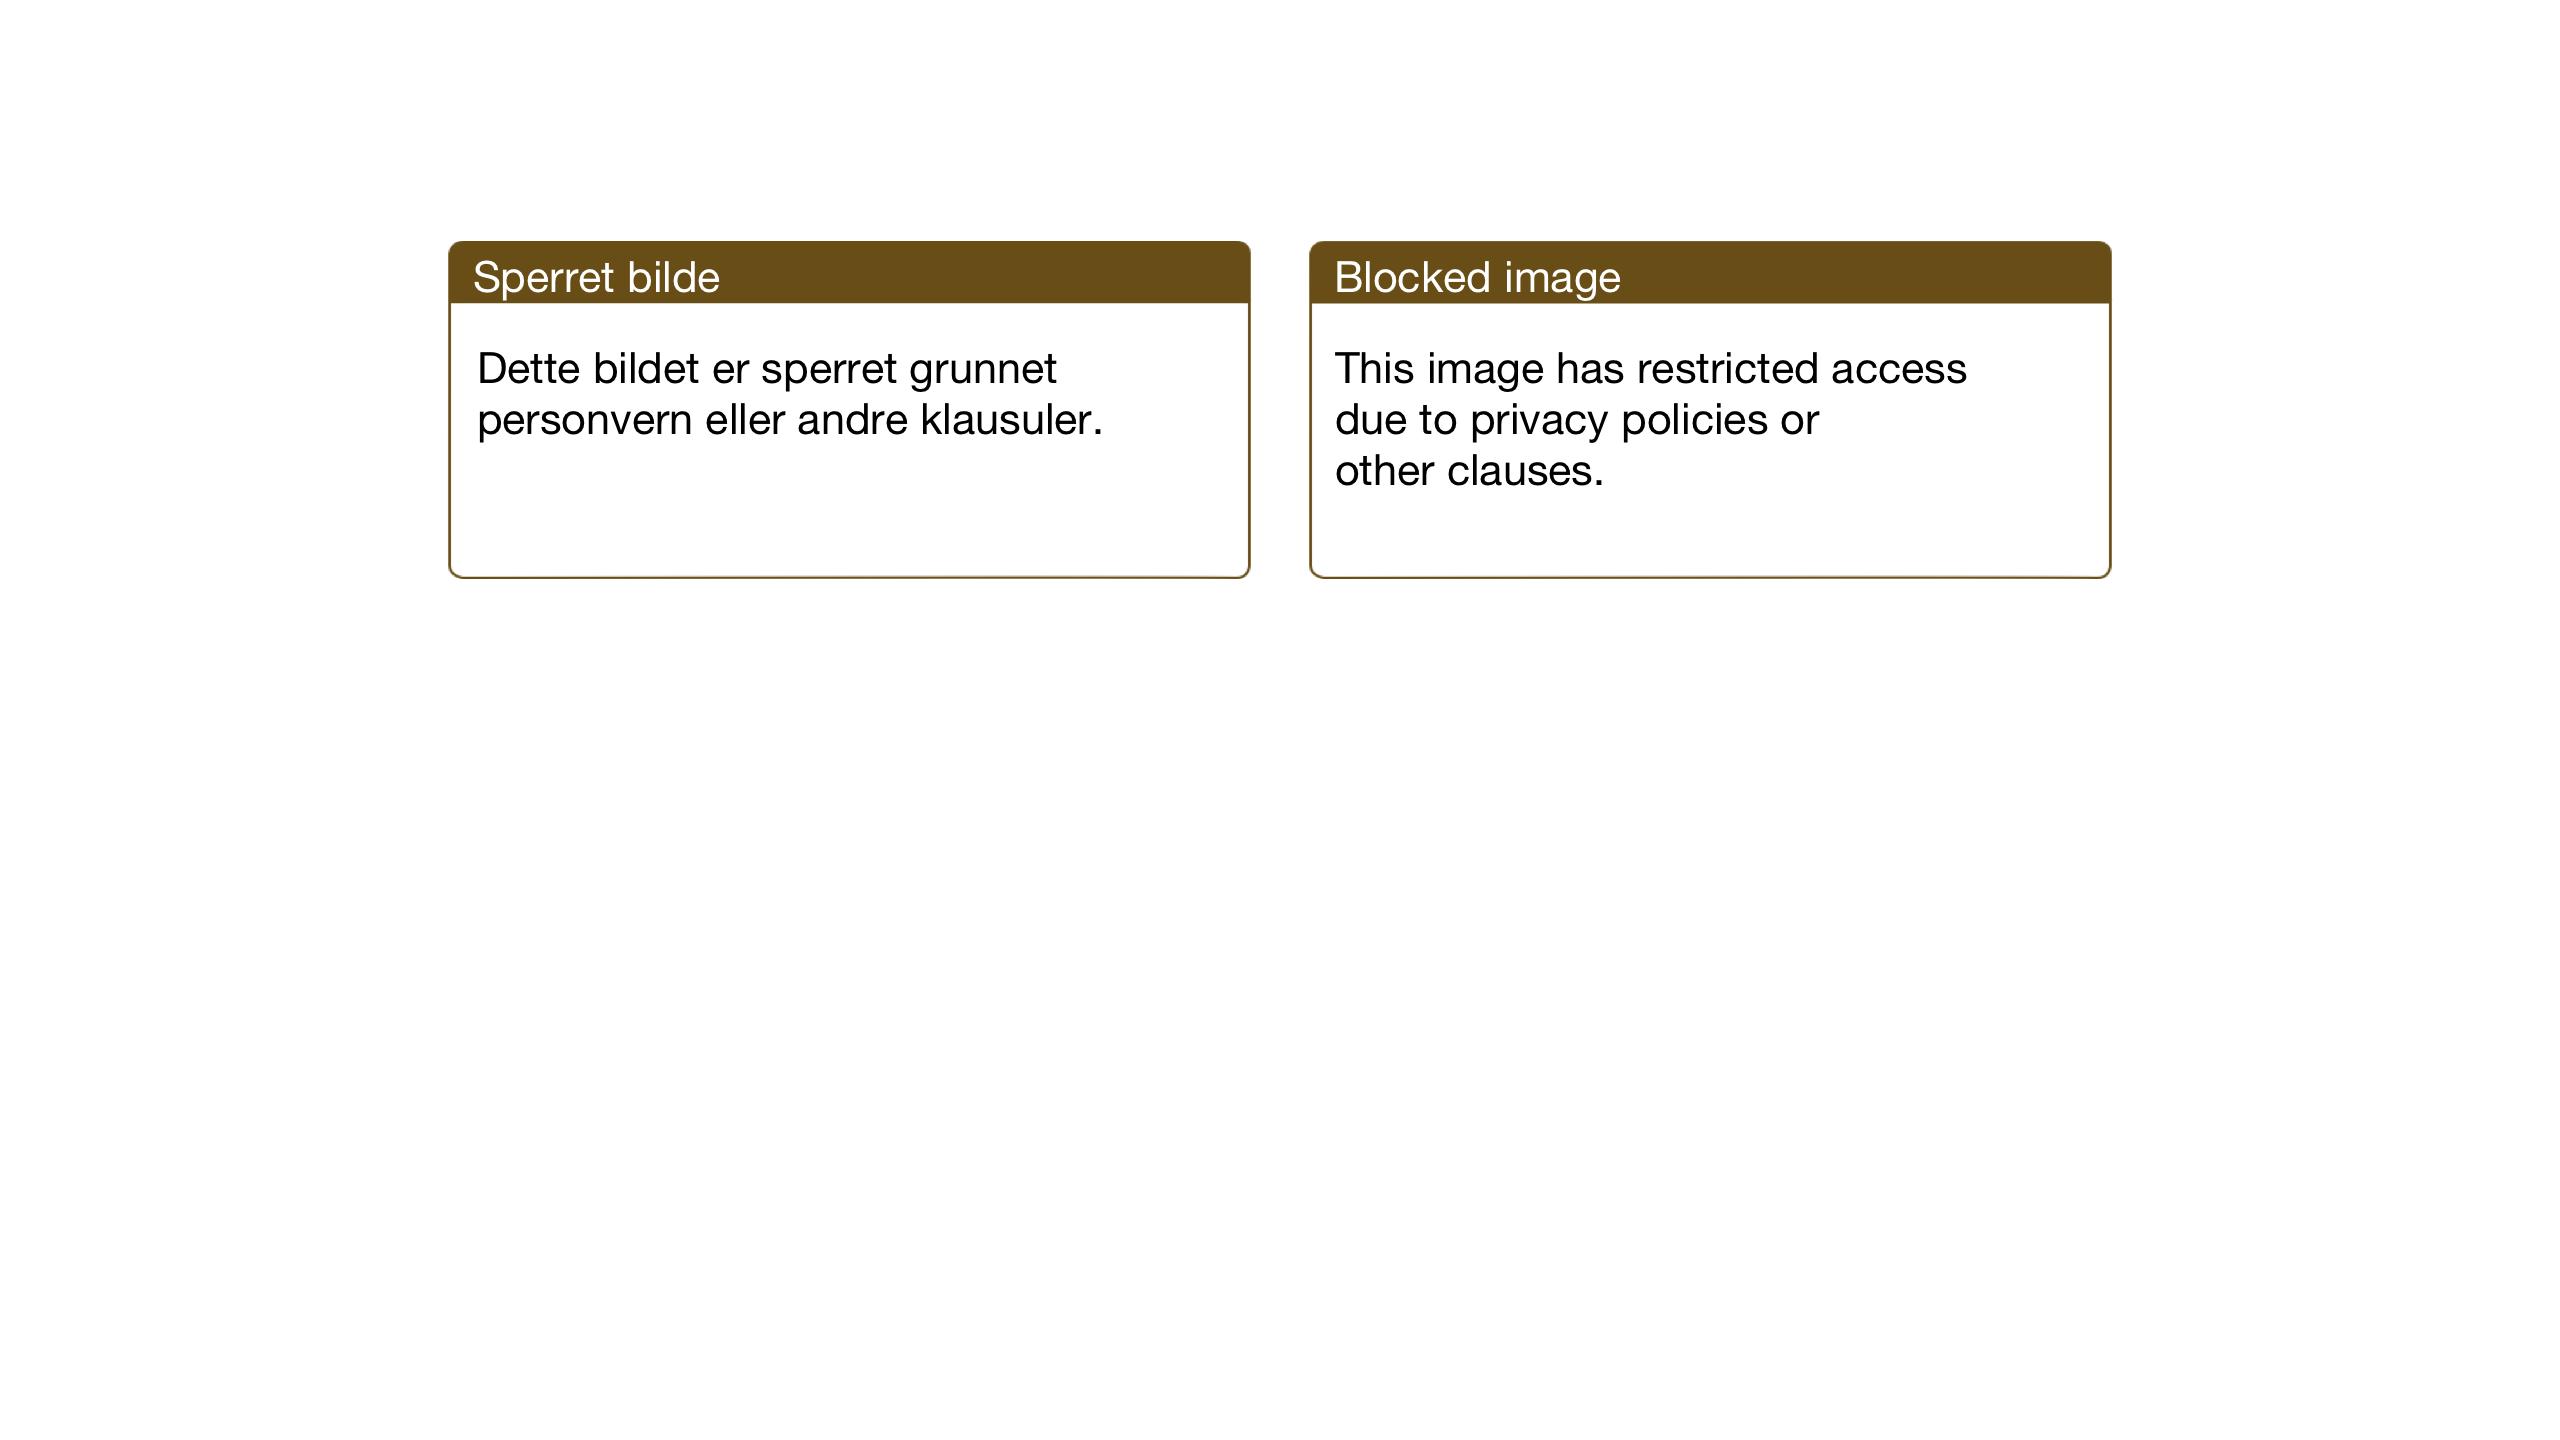 SAT, Ministerialprotokoller, klokkerbøker og fødselsregistre - Sør-Trøndelag, 637/L0564: Klokkerbok nr. 637C05, 1928-1968, s. 59